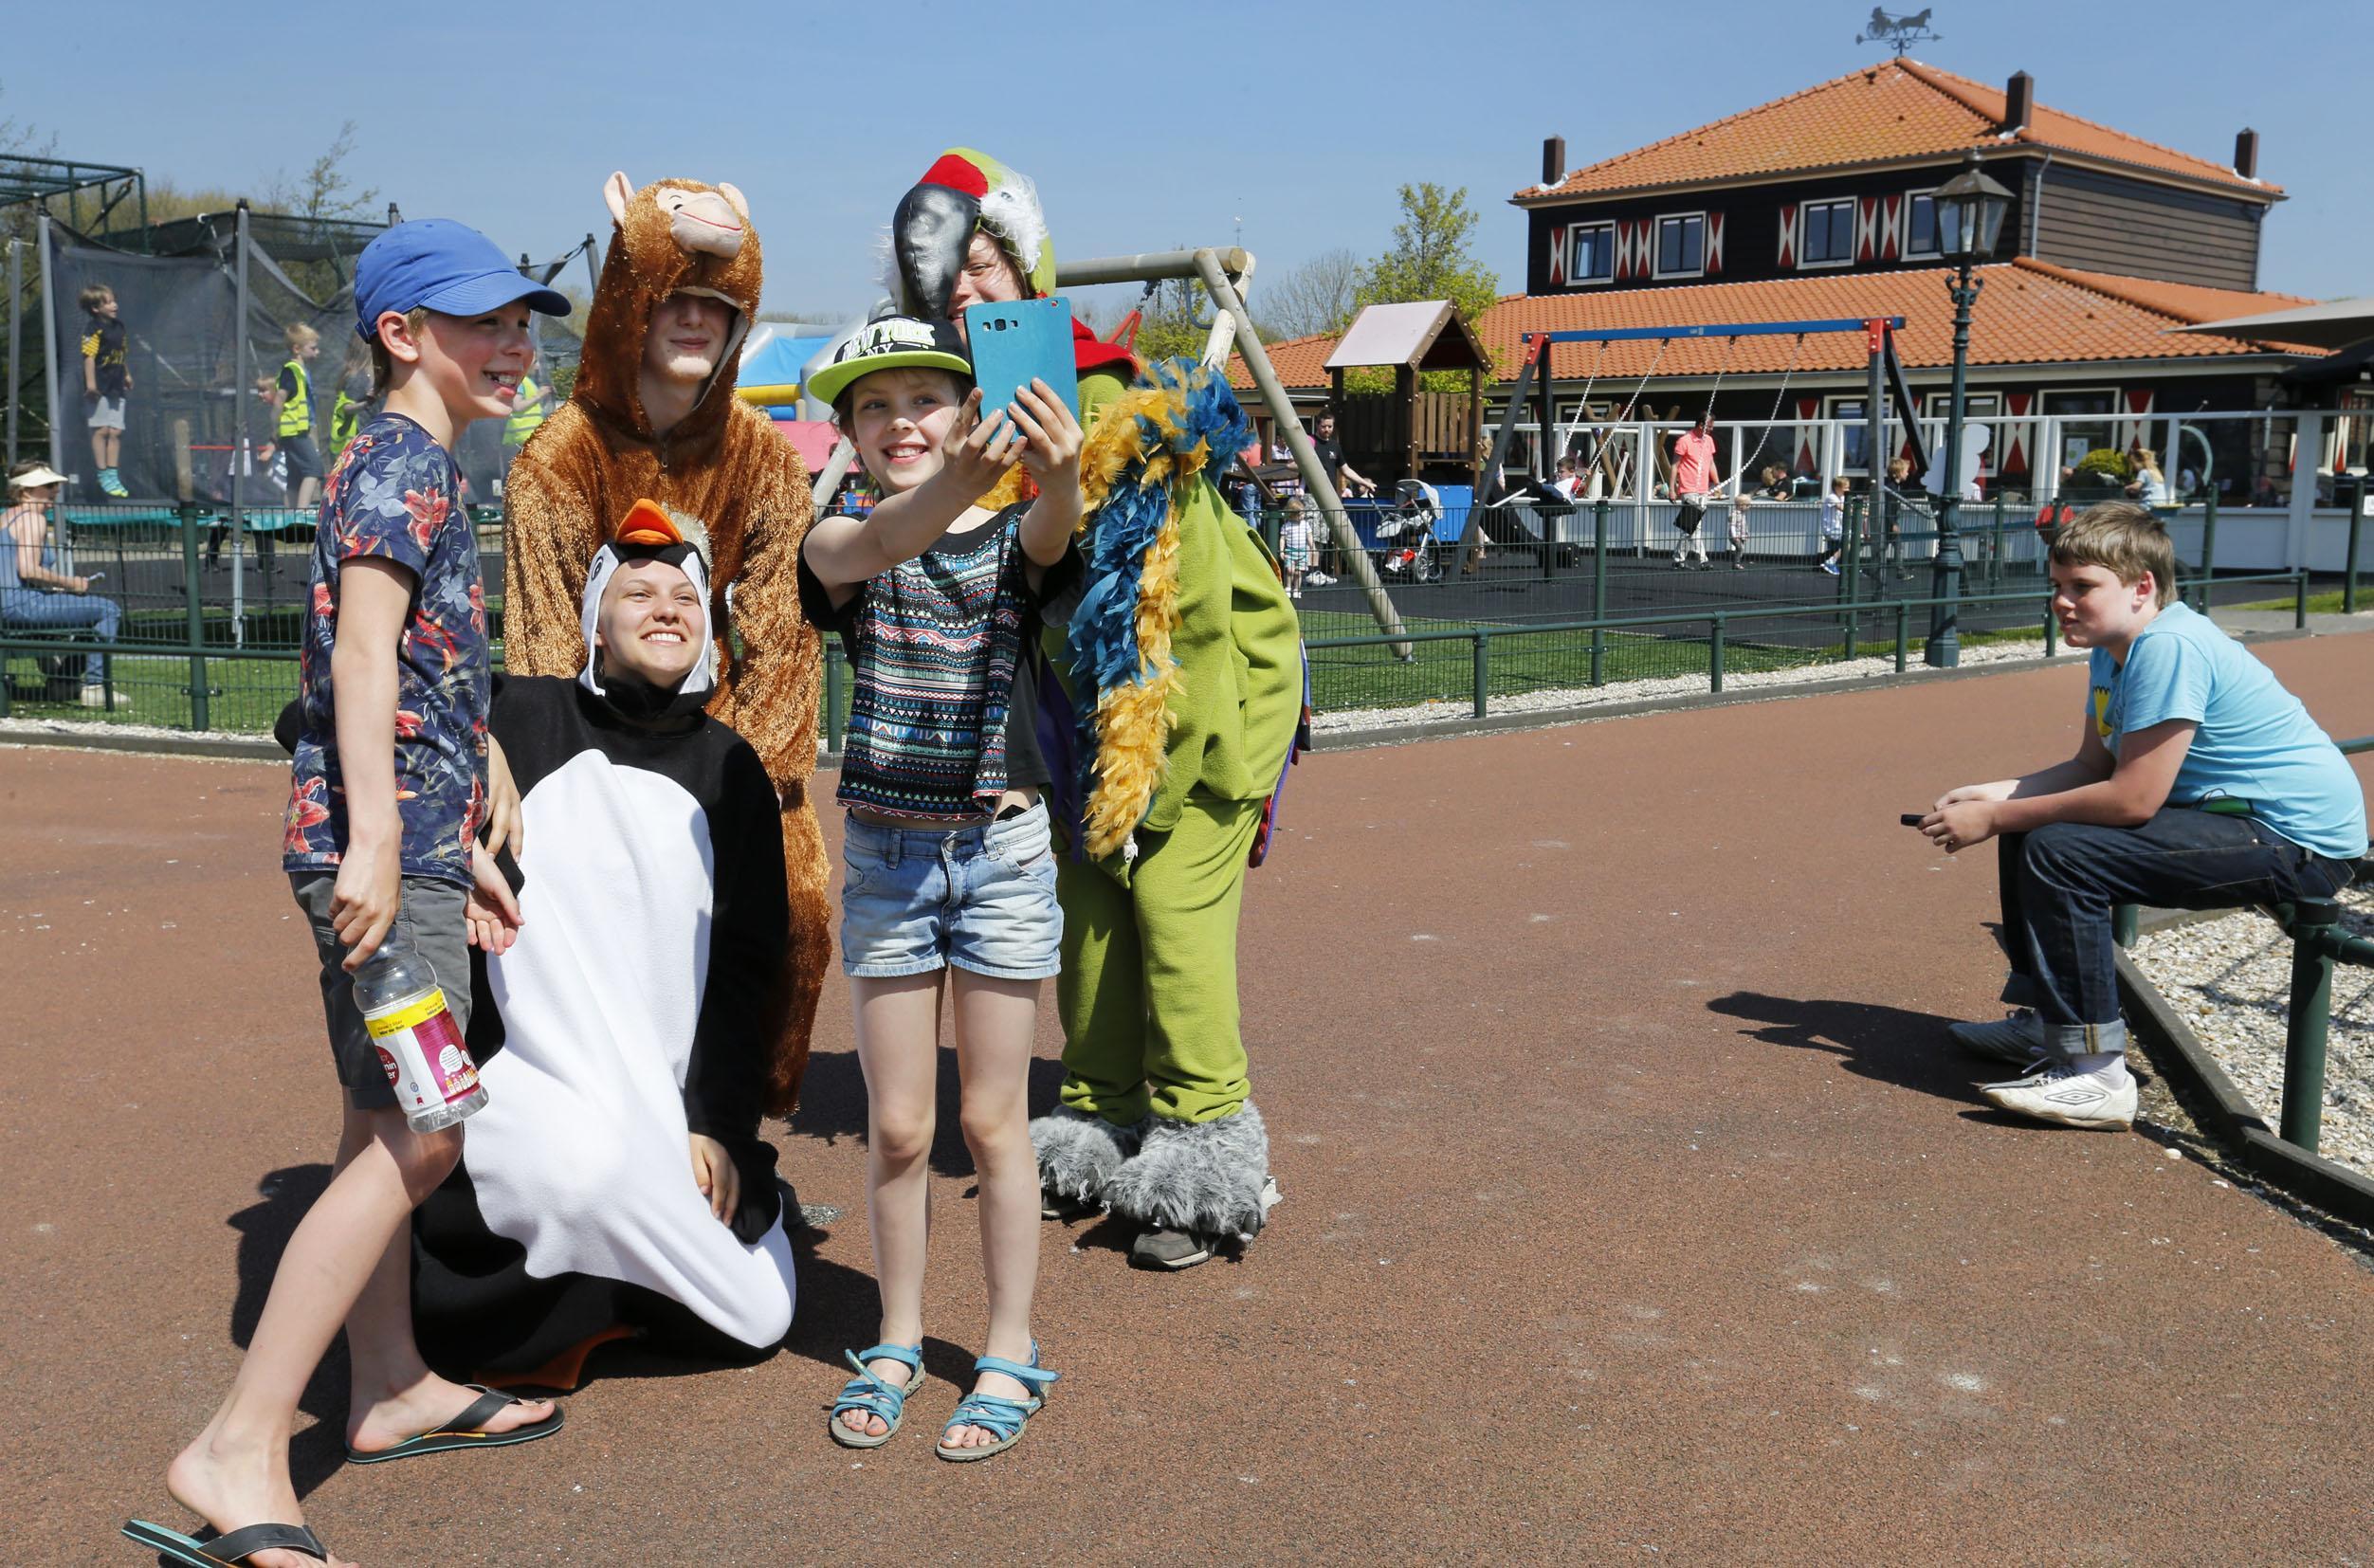 Piet Blankendaal, bekend van zijn vrieshuizen in Velsen-Noord en Tuitjenhorn, heeft ook een dierentuin. Ondanks de coronabeperkingen maakt hij zich daar geen zorgen over. 'Onze kosten zijn niet vergelijkbaar met grote dierentuinen'